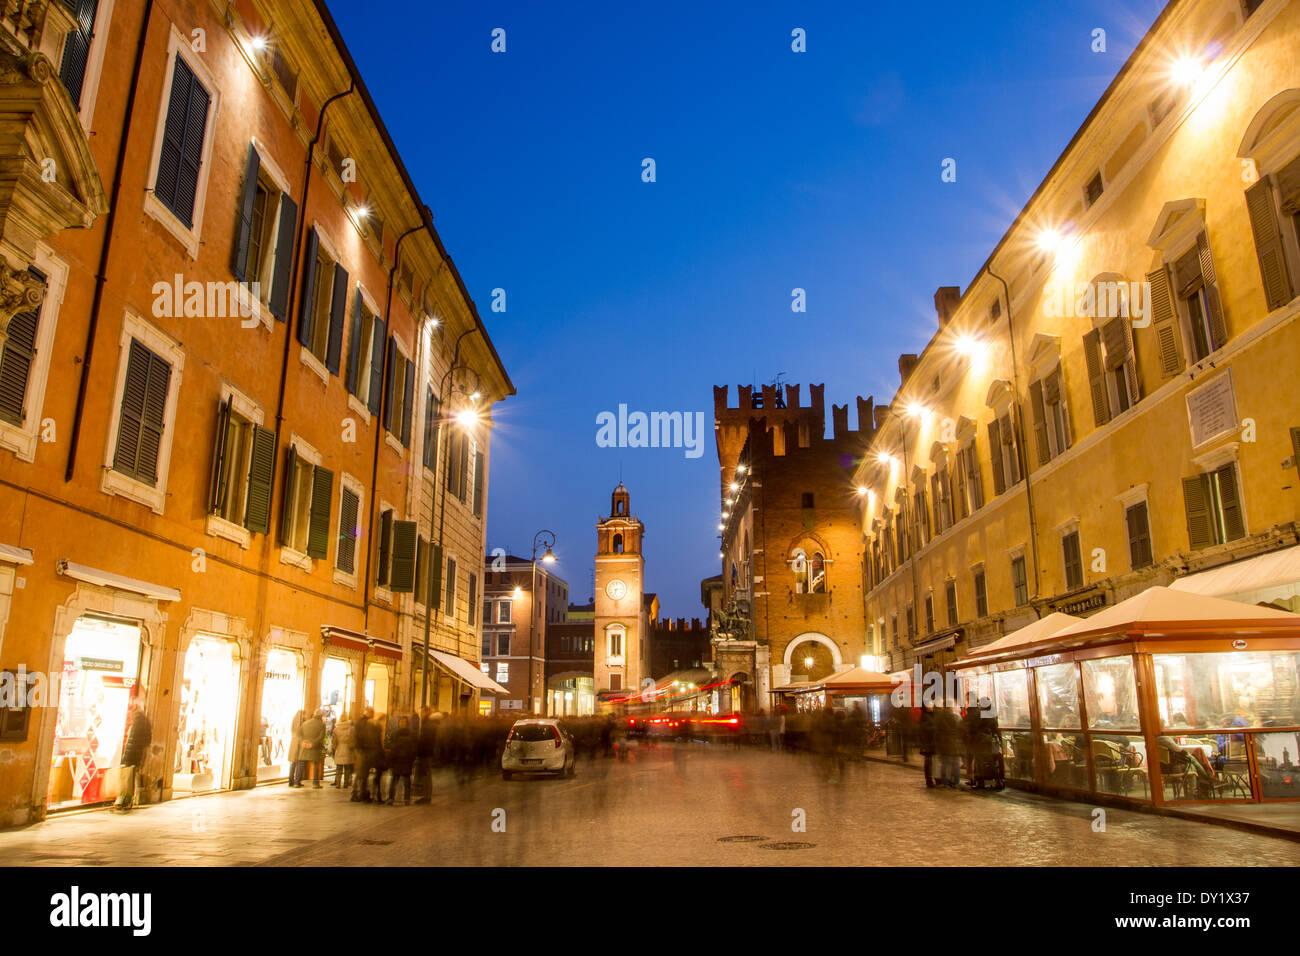 Corso Martiri della Libertà, Ferrara, Emilia Romagna, Italy - Stock Image